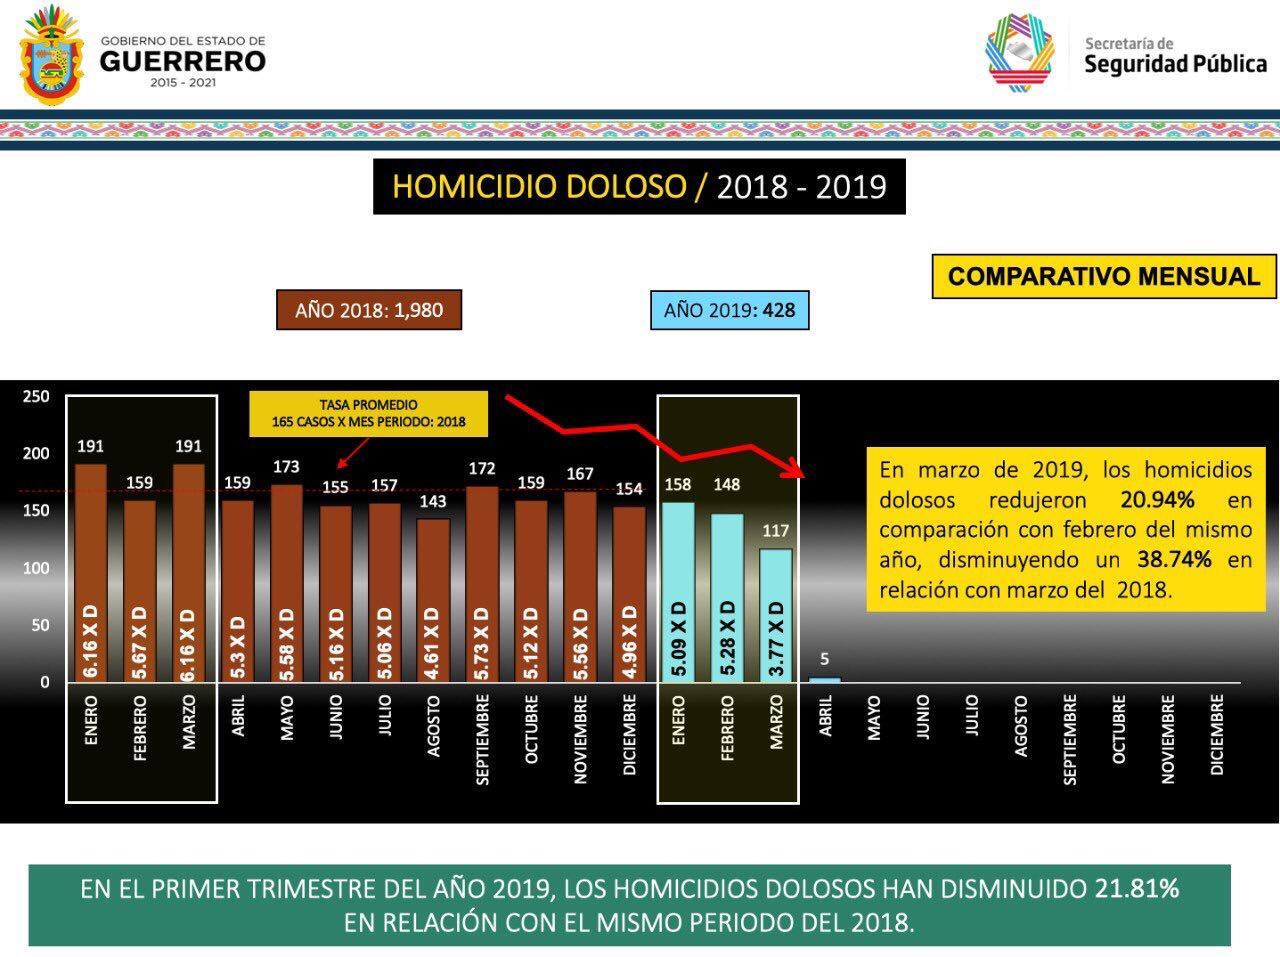 Guerrero presenta disminución de 38.74% en homicidios